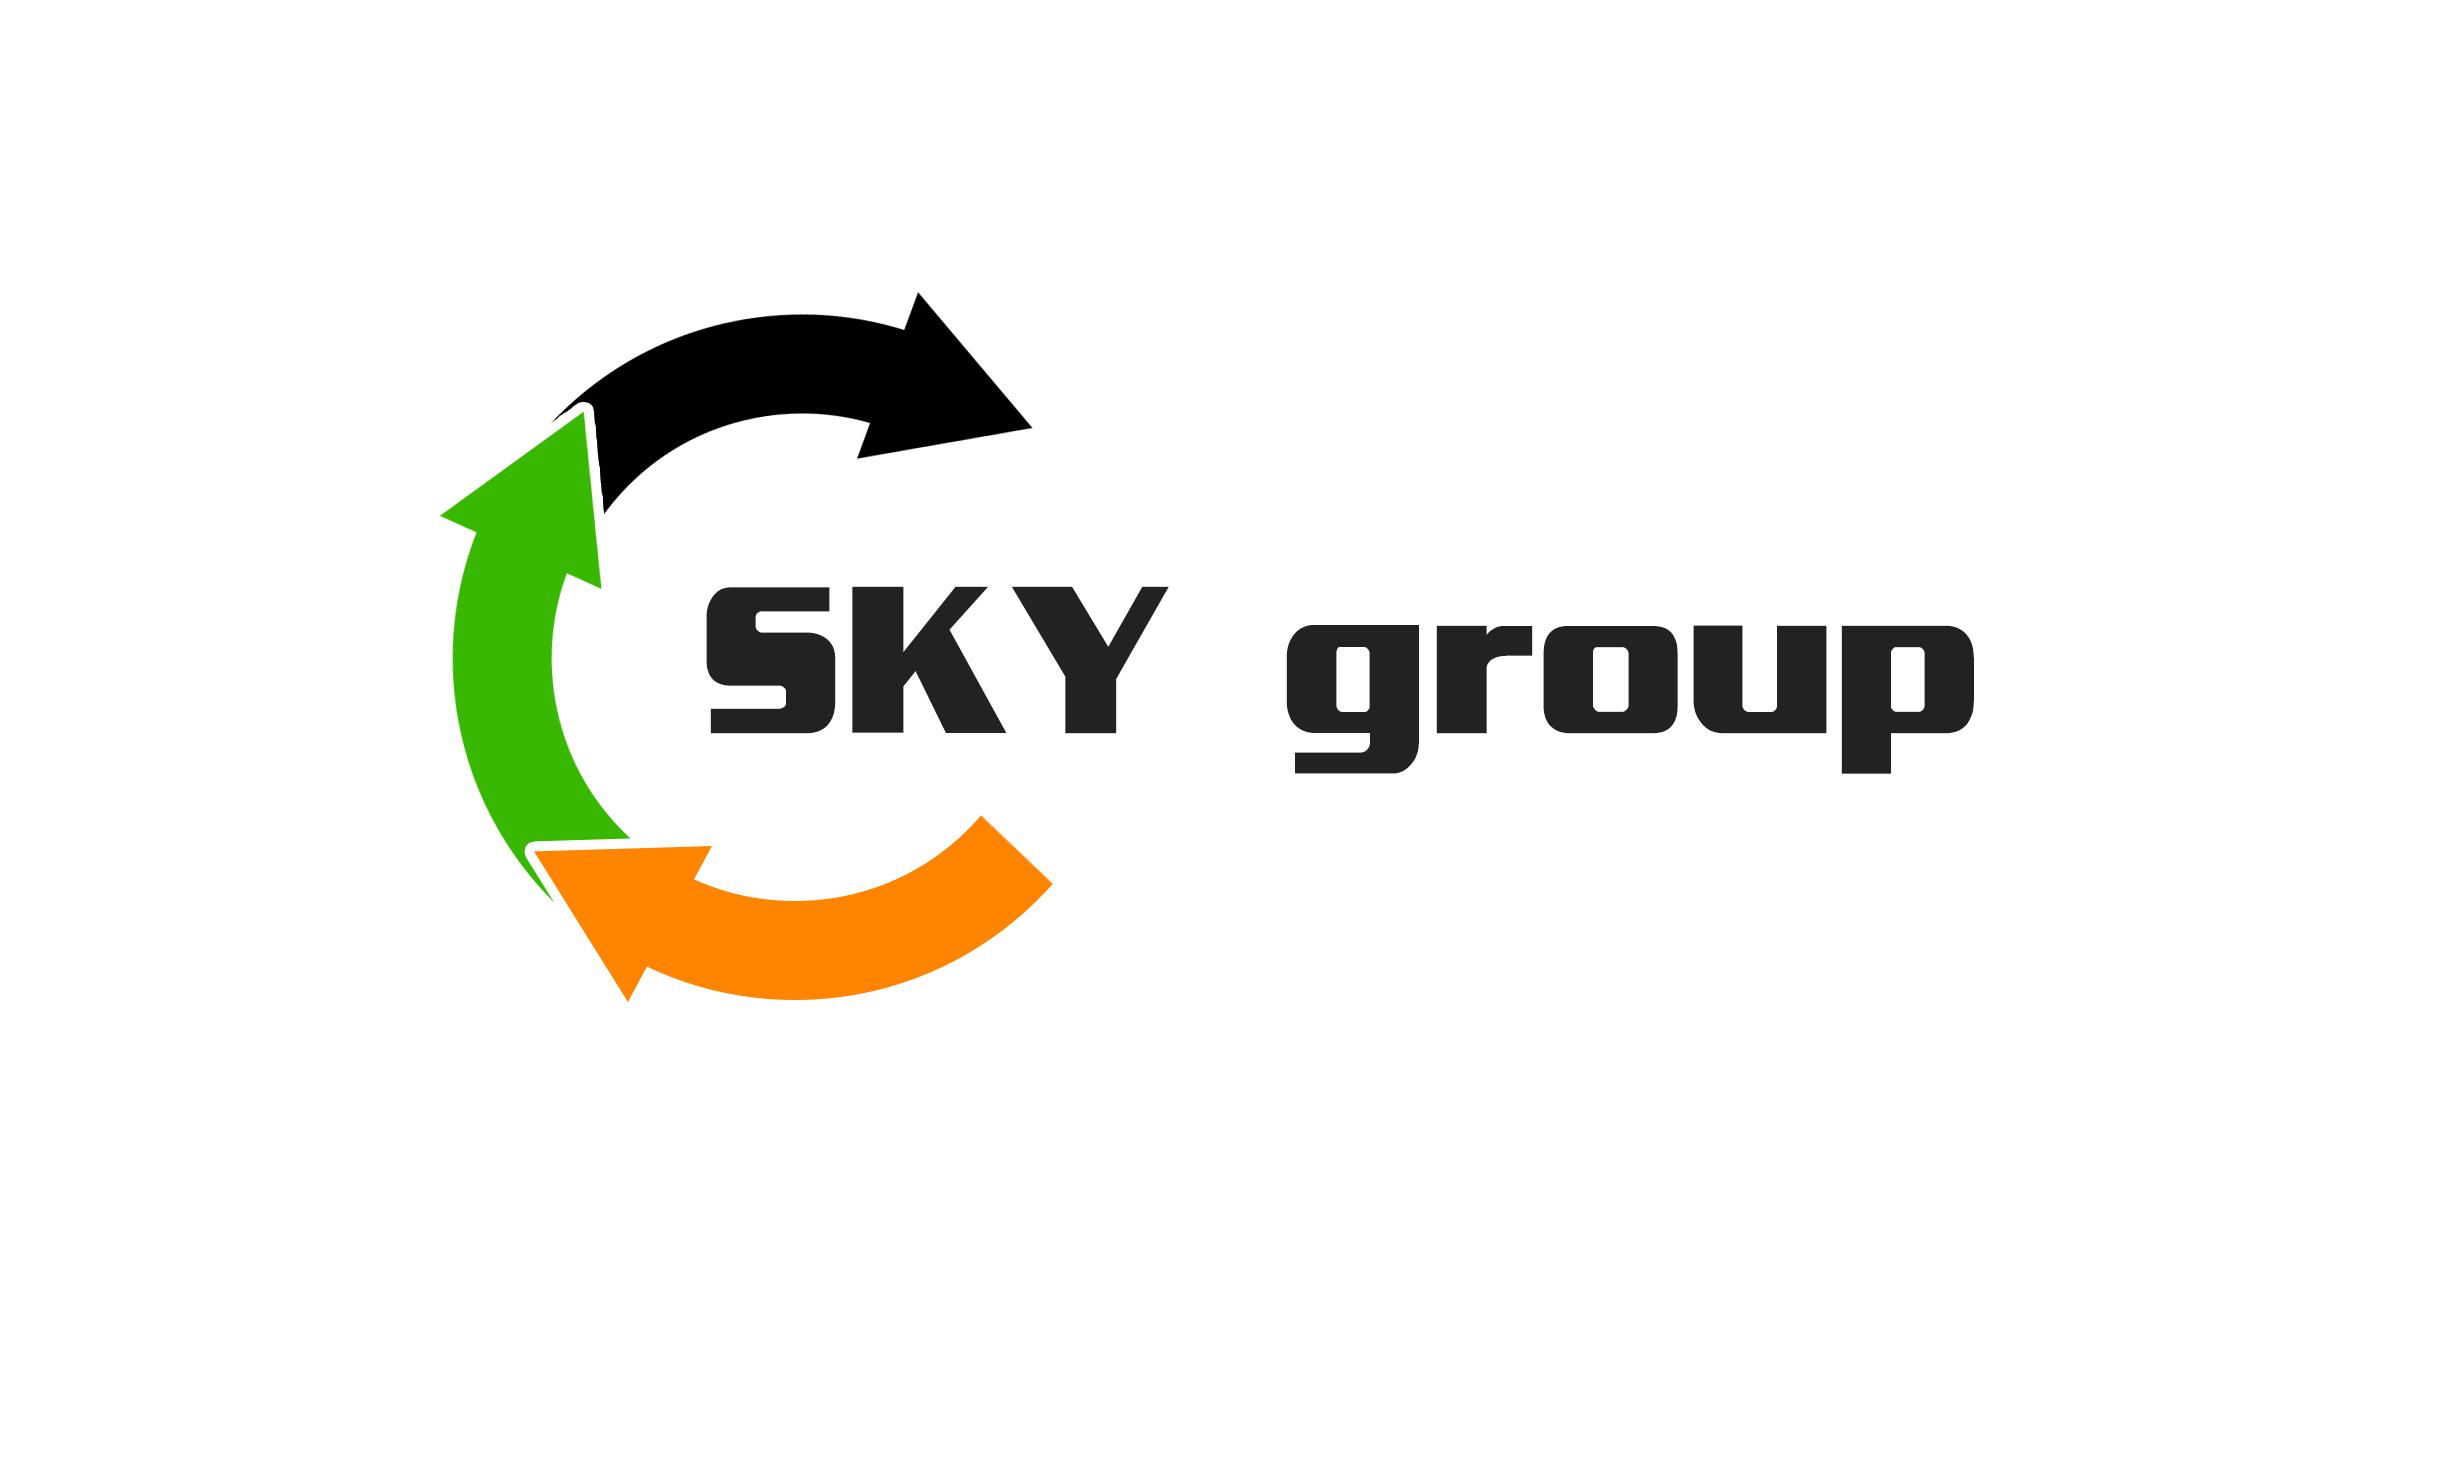 Новый логотип для производственной компании фото f_1965a8570f32ab1e.jpg